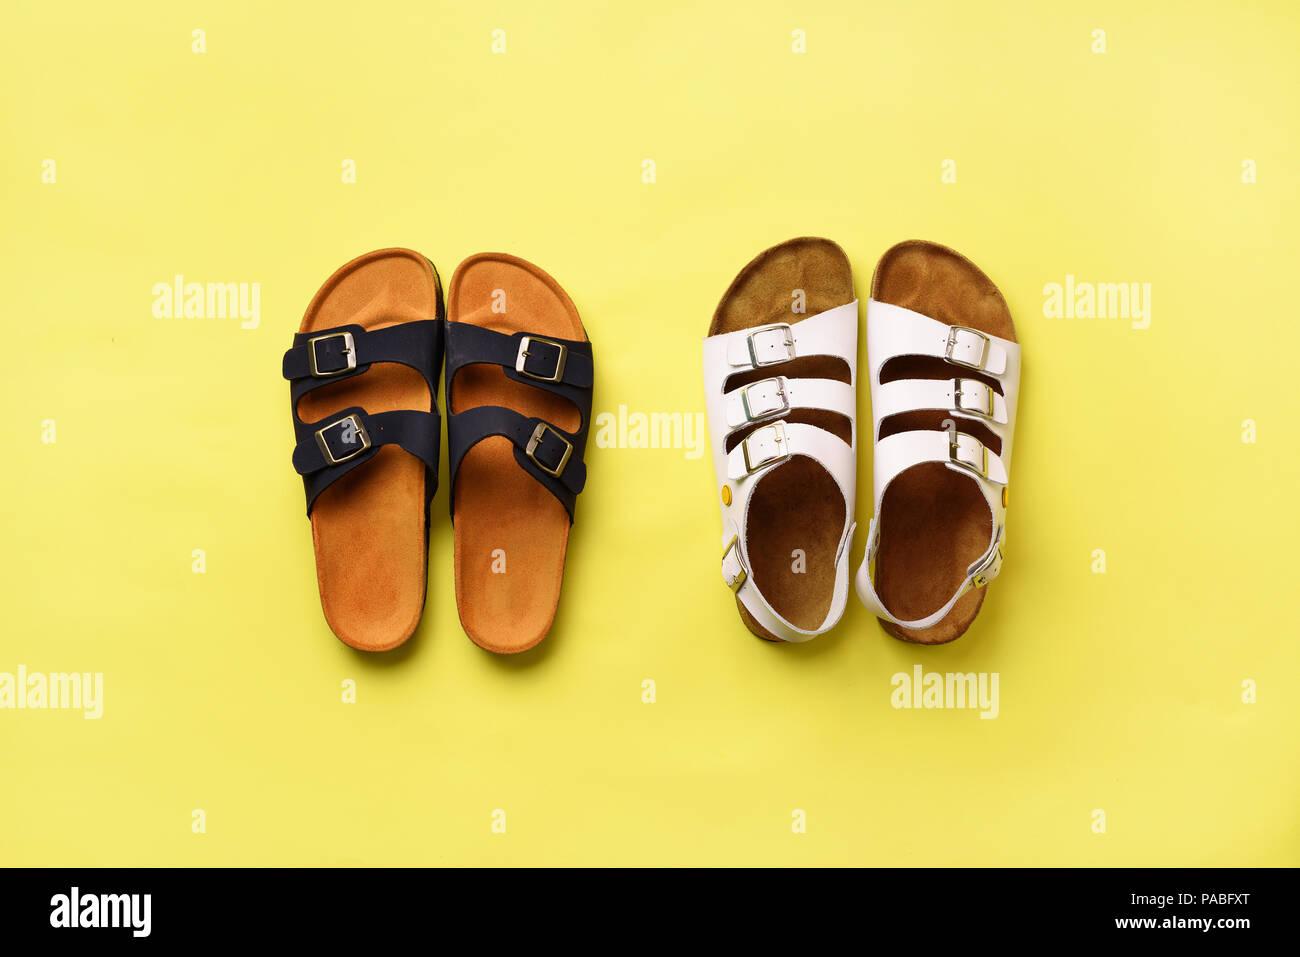 47247c03727f4 Estate scarpe da donna - sandali Birkenstock () e pantofole su sfondo giallo  con copia spazio. Vista dall alto. Minima laici piana. Concetto di  selezione.